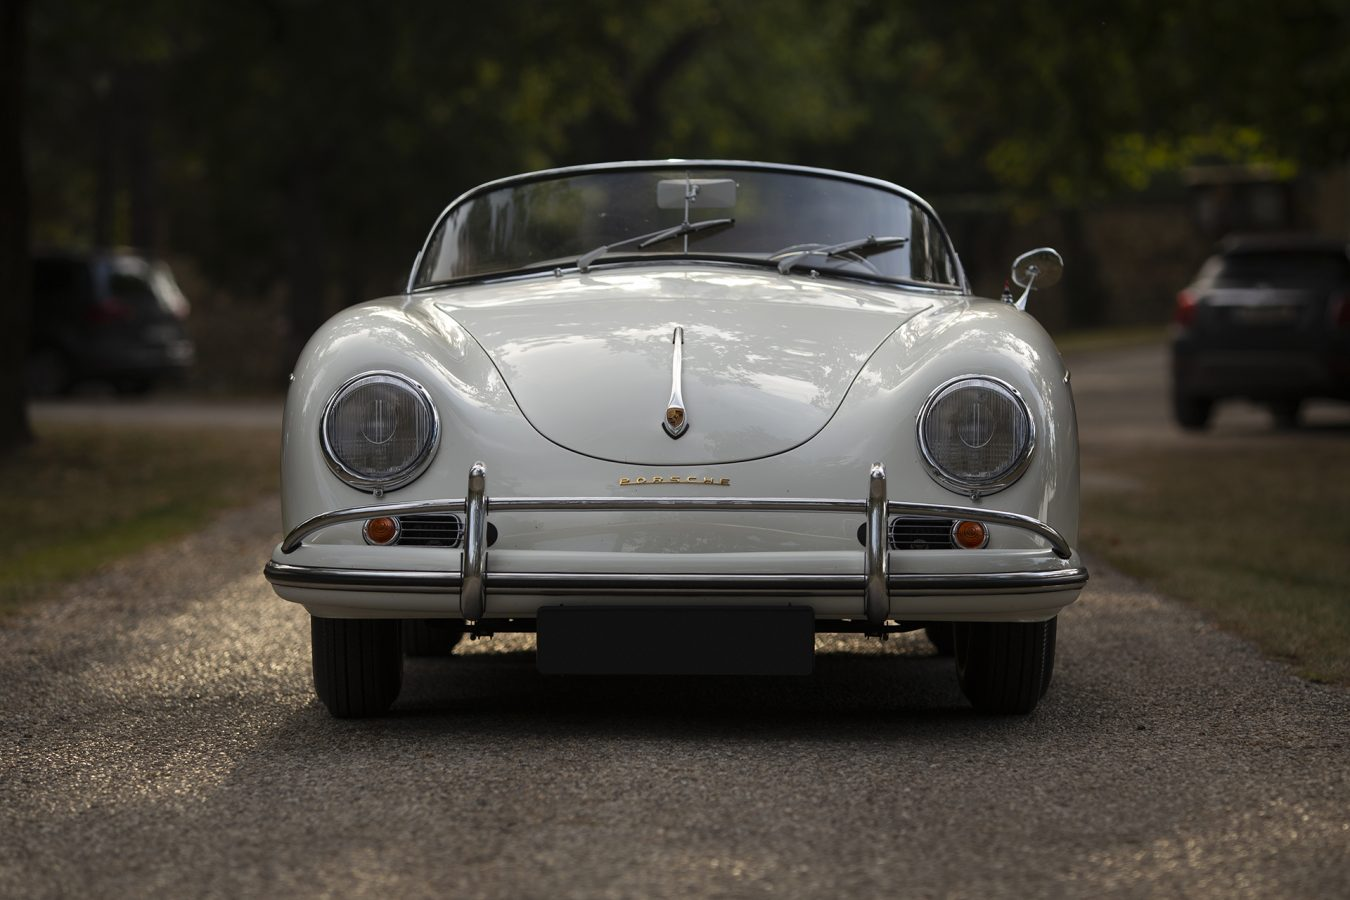 Weißer Porsche 356 Speedster von Vehicle Experts